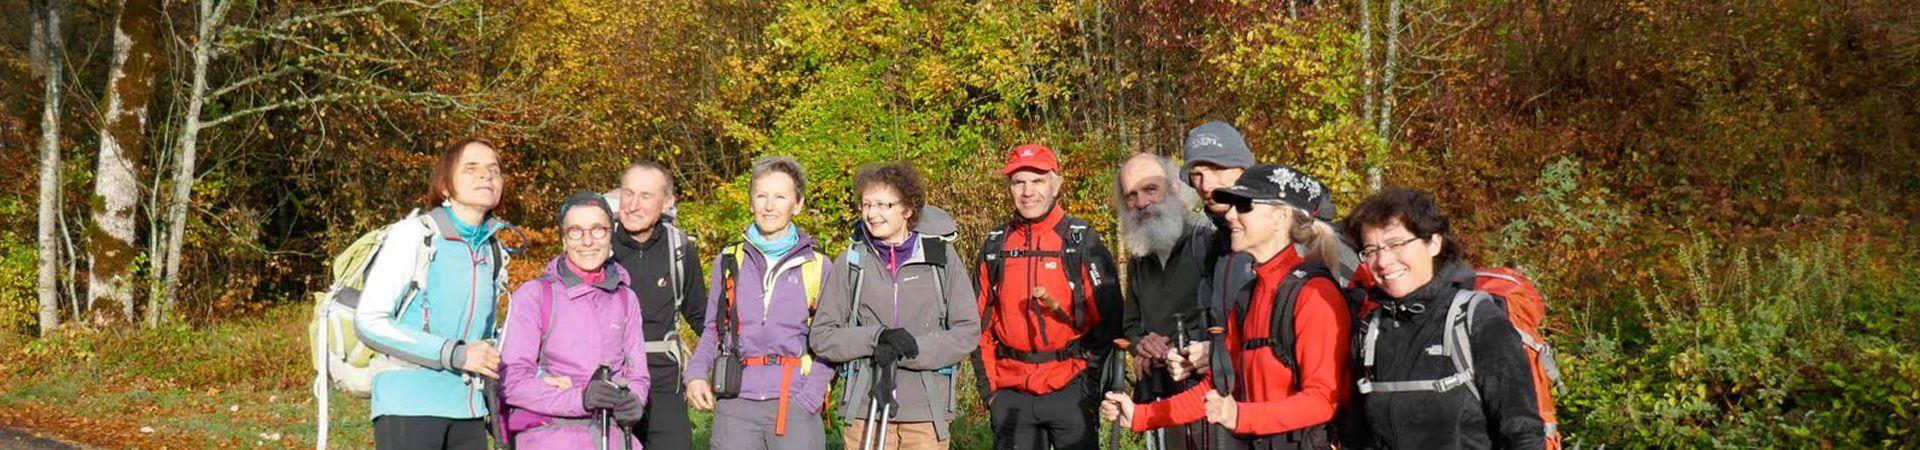 Randonneurs souriants avec des arbres aux couleurs d'automne en arrière-plan